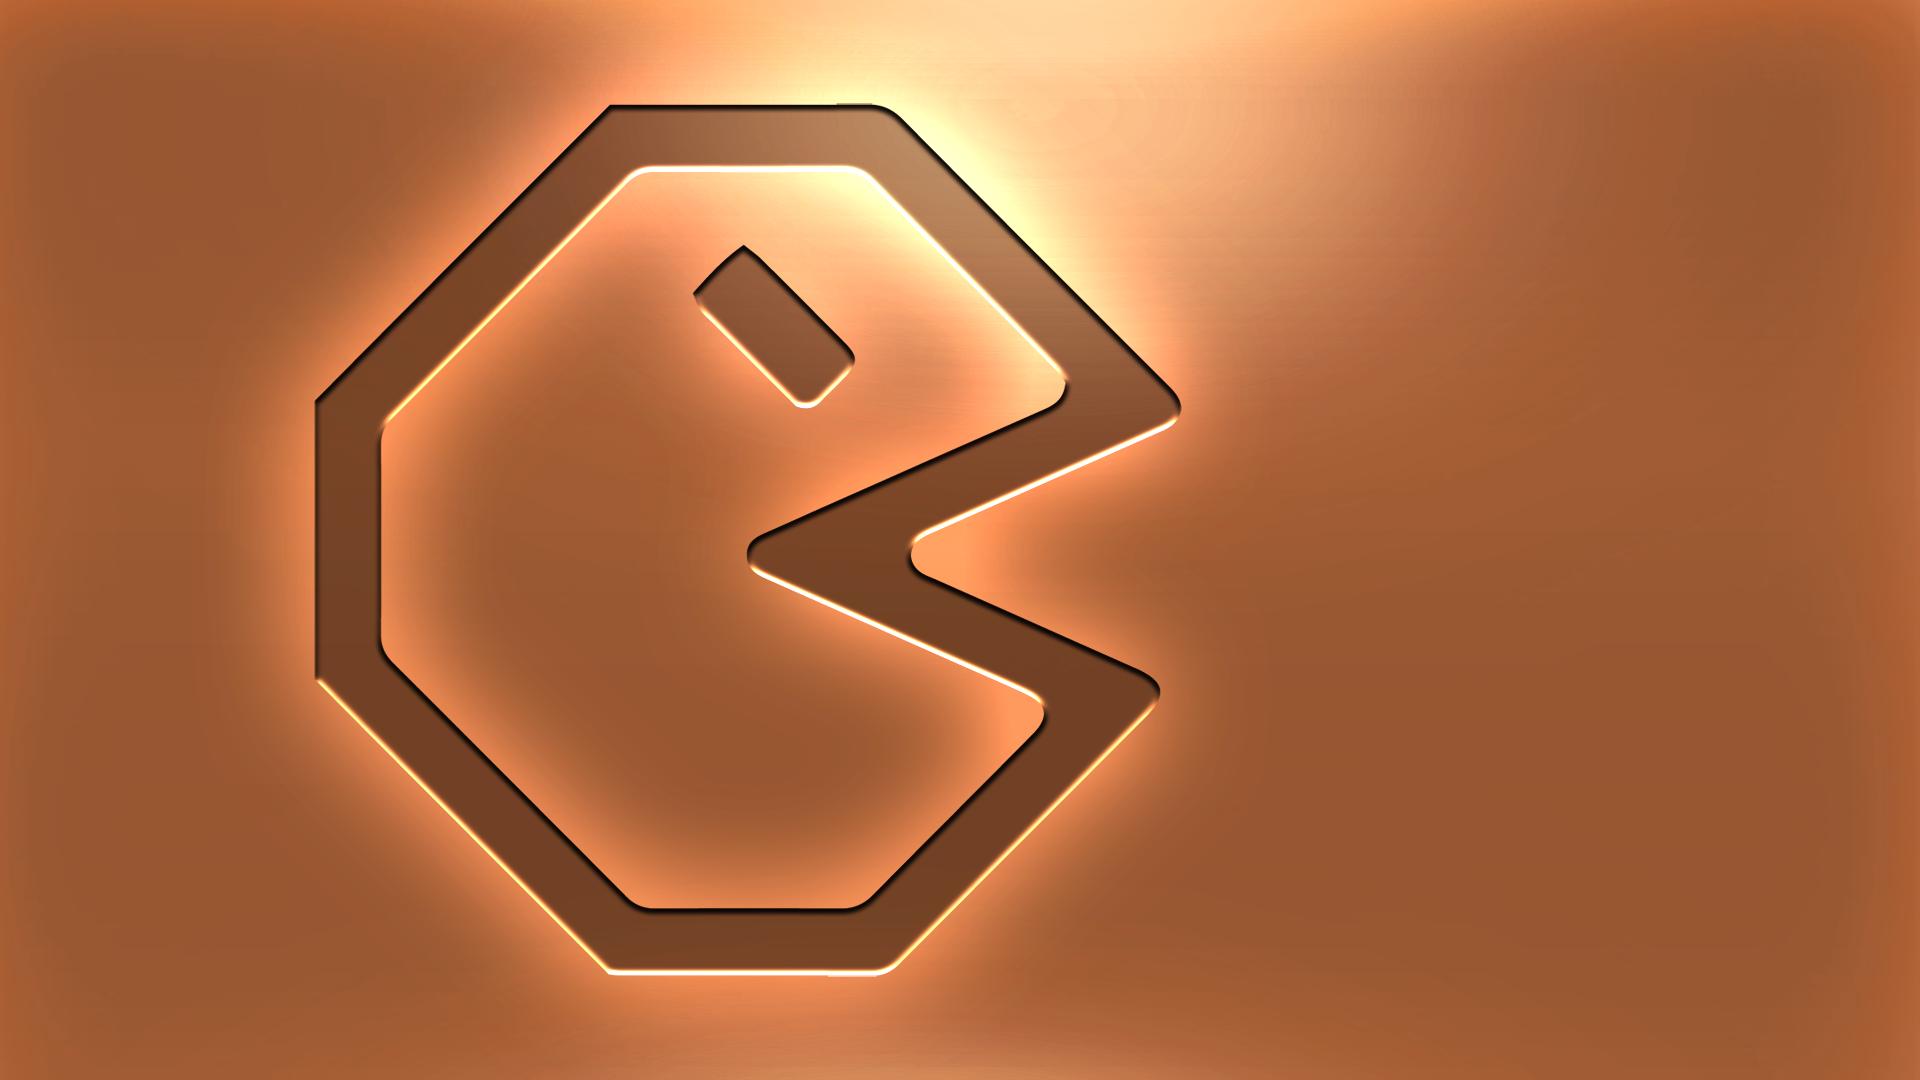 Icon for Waka Waka!